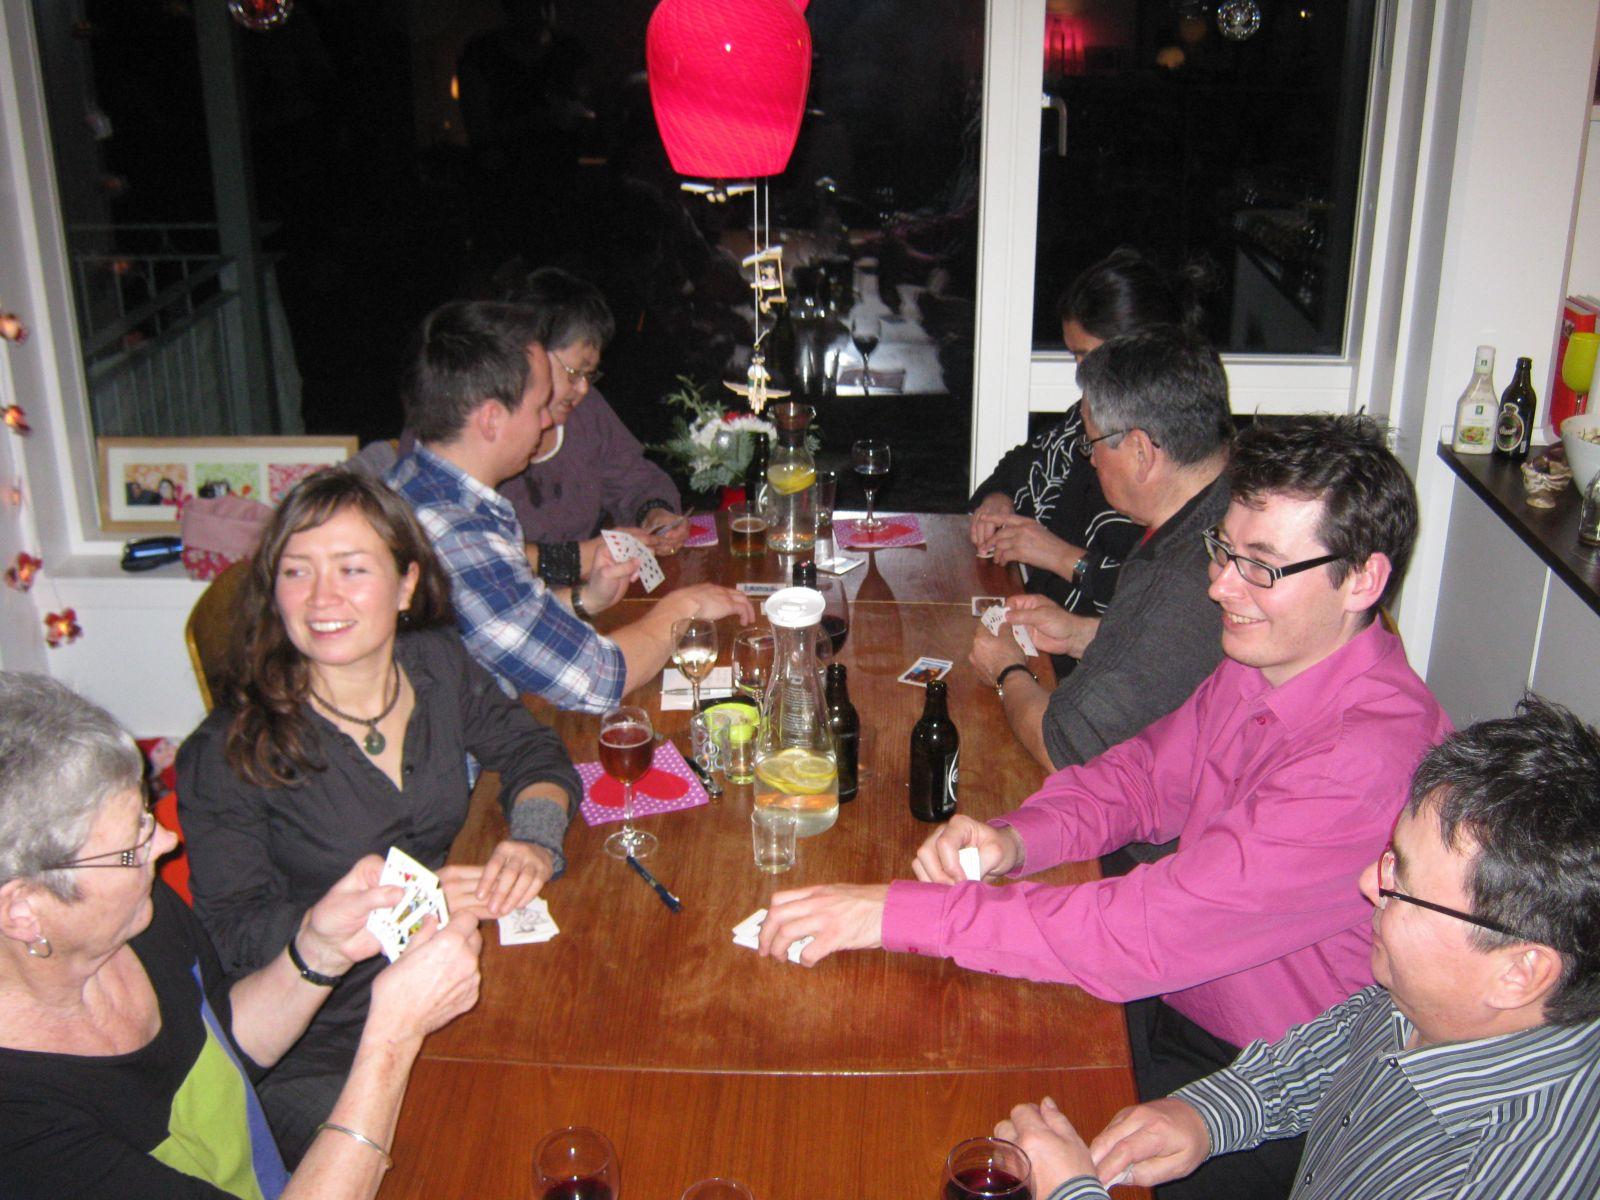 2009-12-26-1856_Aili Lage Labansen; Jesper Eugenius Labansen; Jørgen Labansen; Maritha Eugenius Labansen; Worms